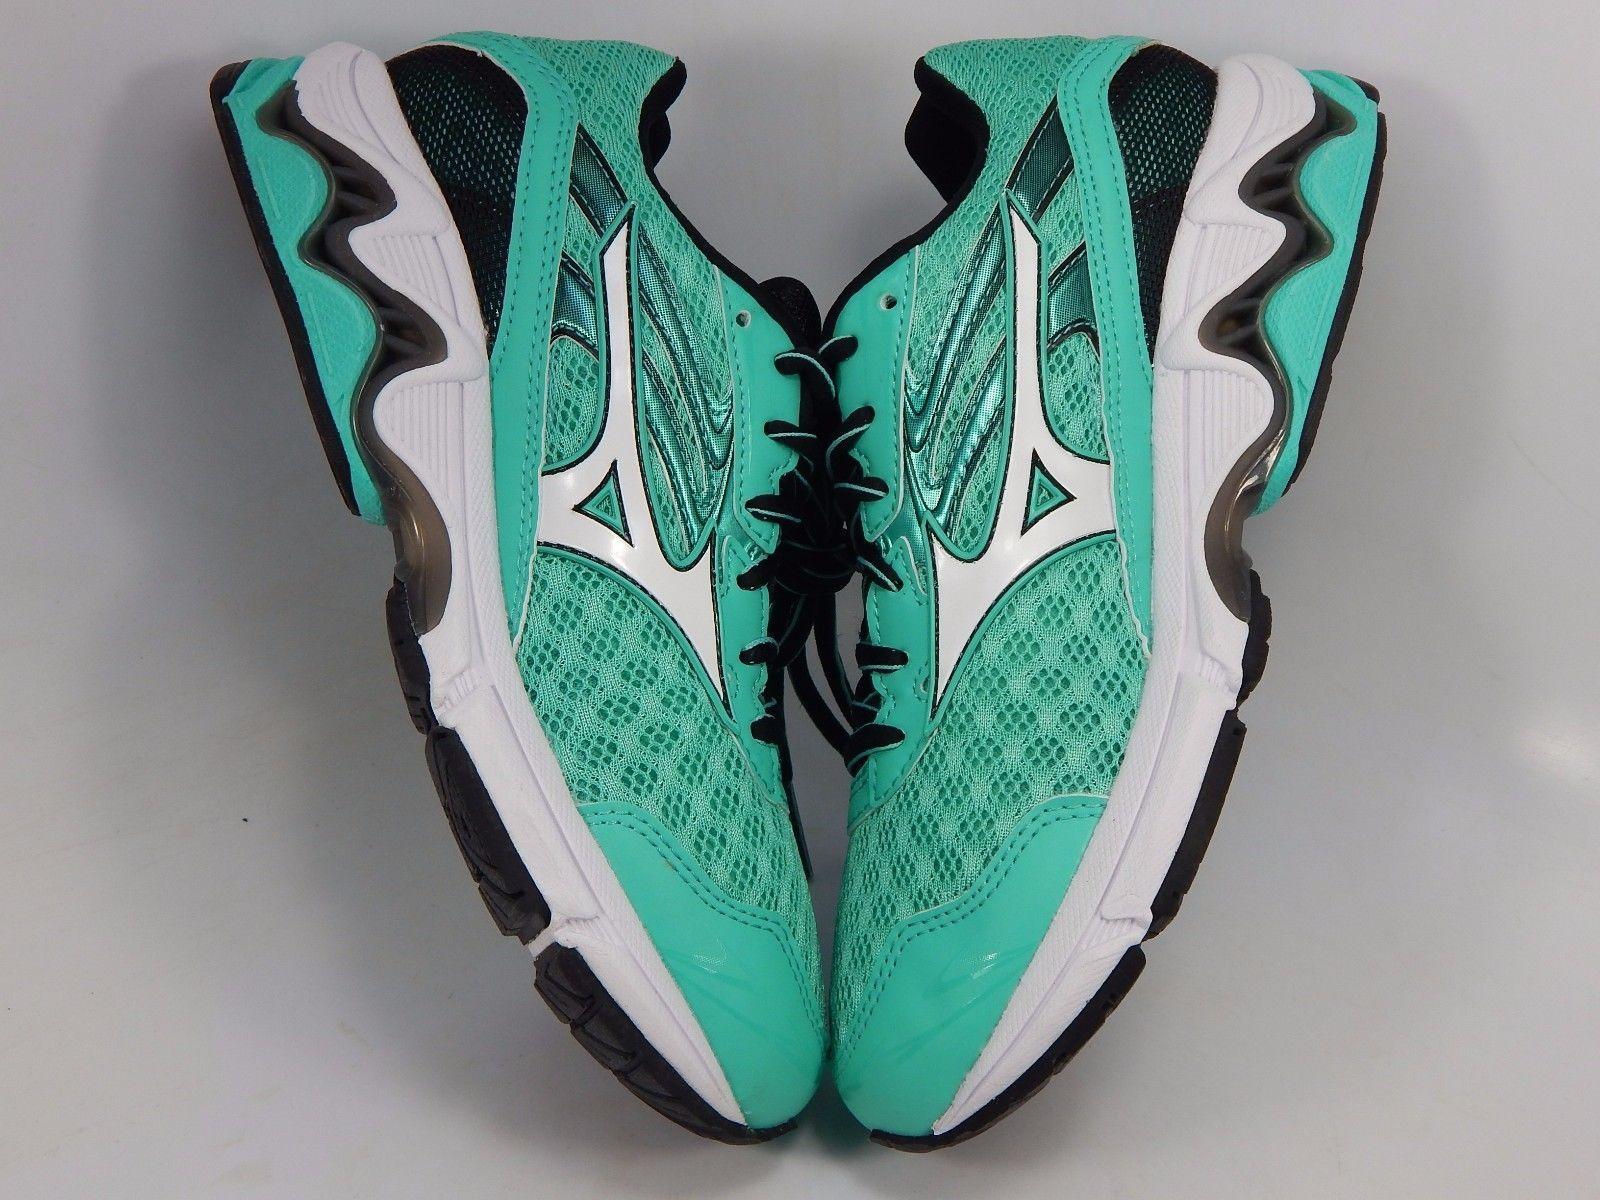 MISMATCH Mizuno Wave Inspire 12 Women's Shoes Size 6 M (B) Left & 7 M (B) Right